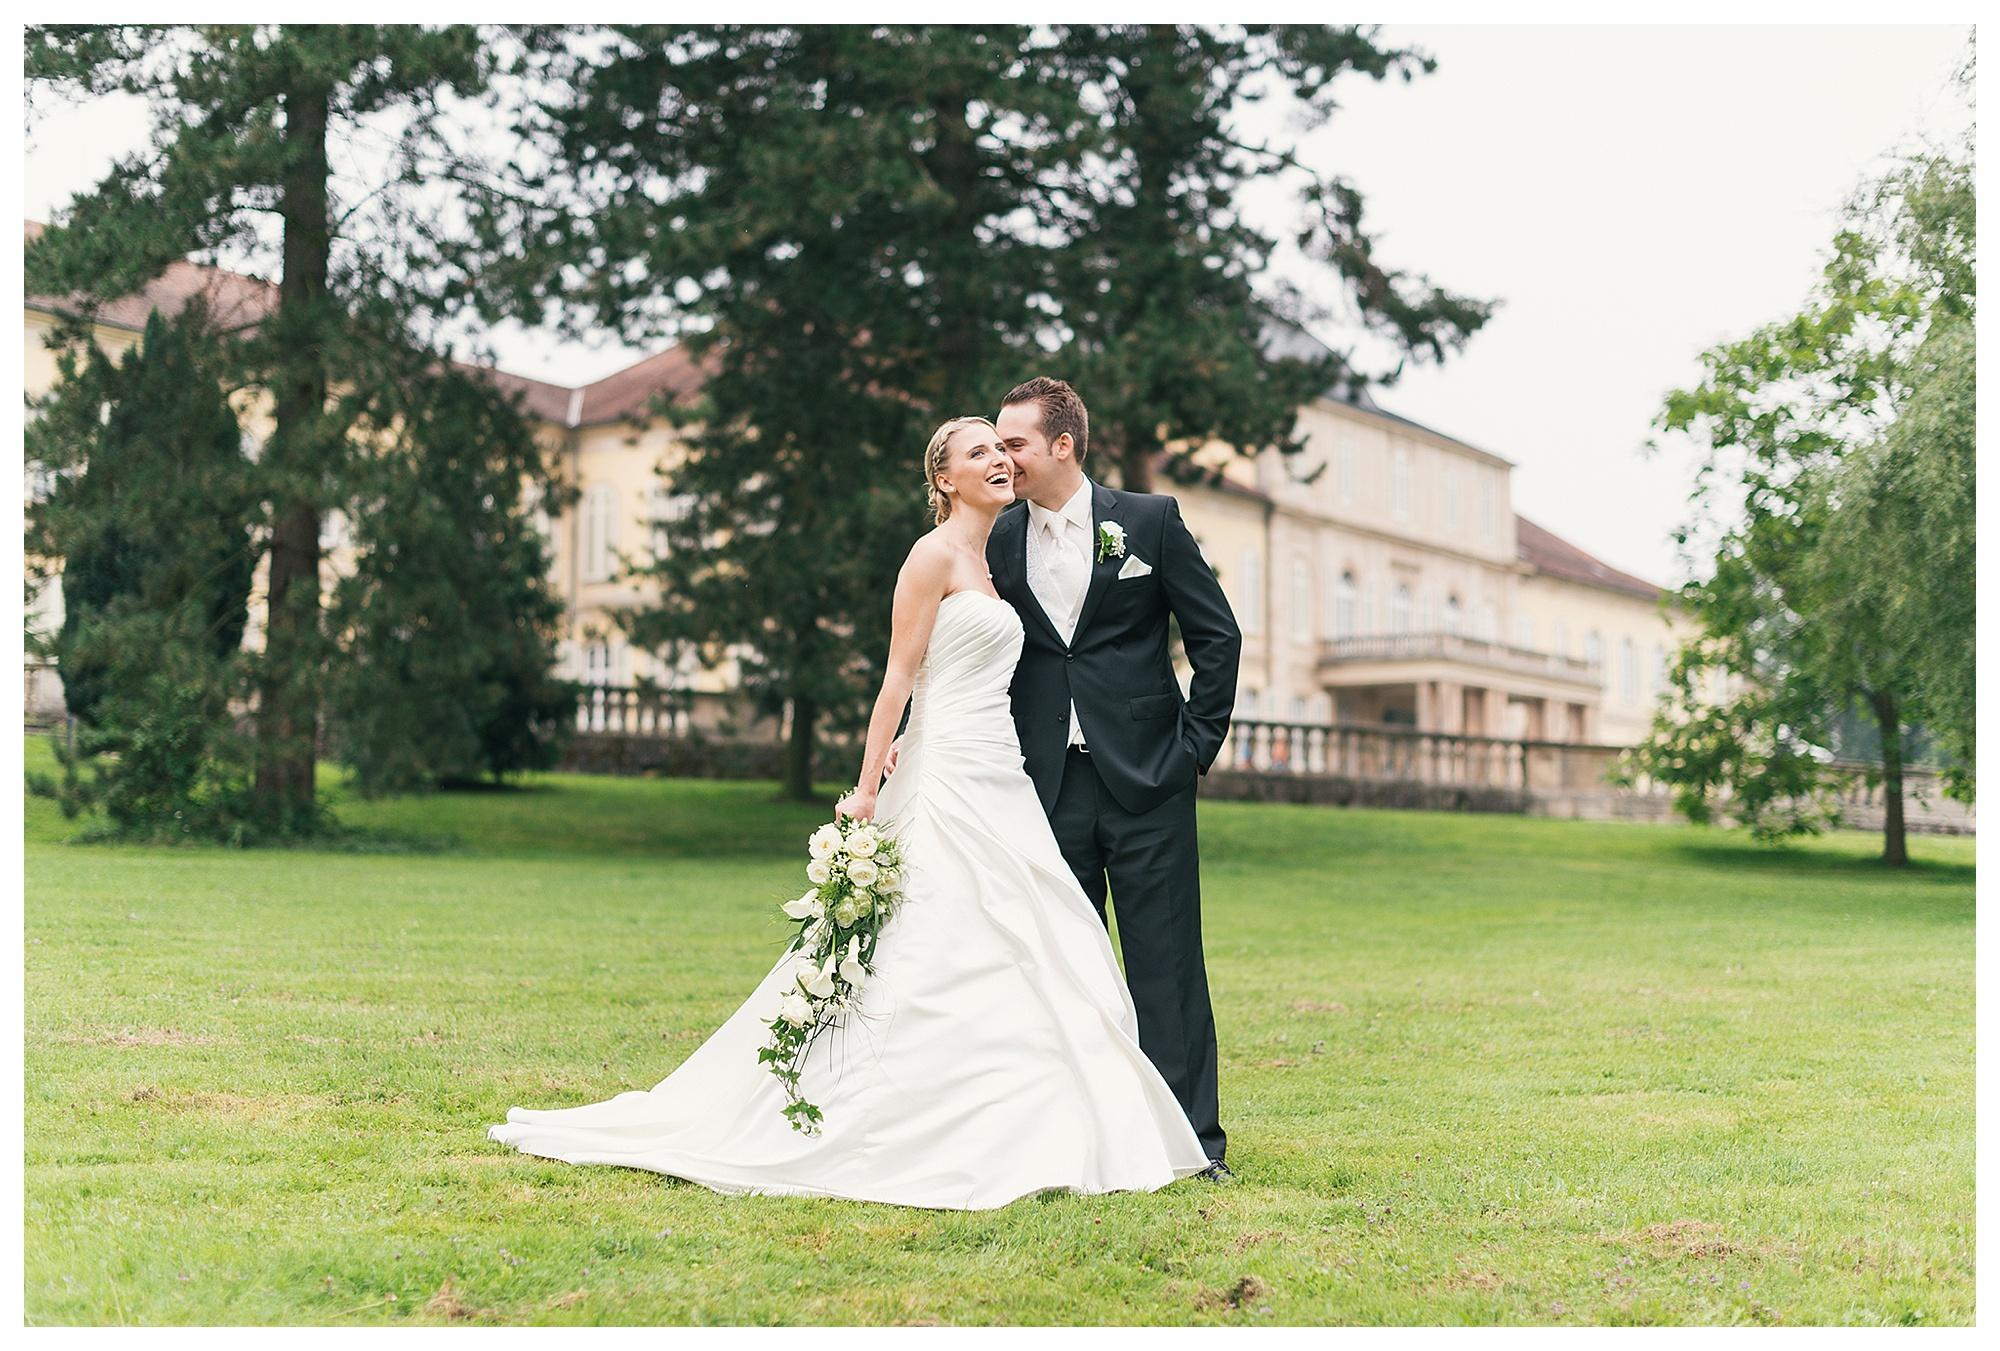 Fotograf Konstanz - Best of 2014 Elmar Feuerbacher Photography Hochzeit Portrait 058 - Rückblick auf 2014  - 66 -